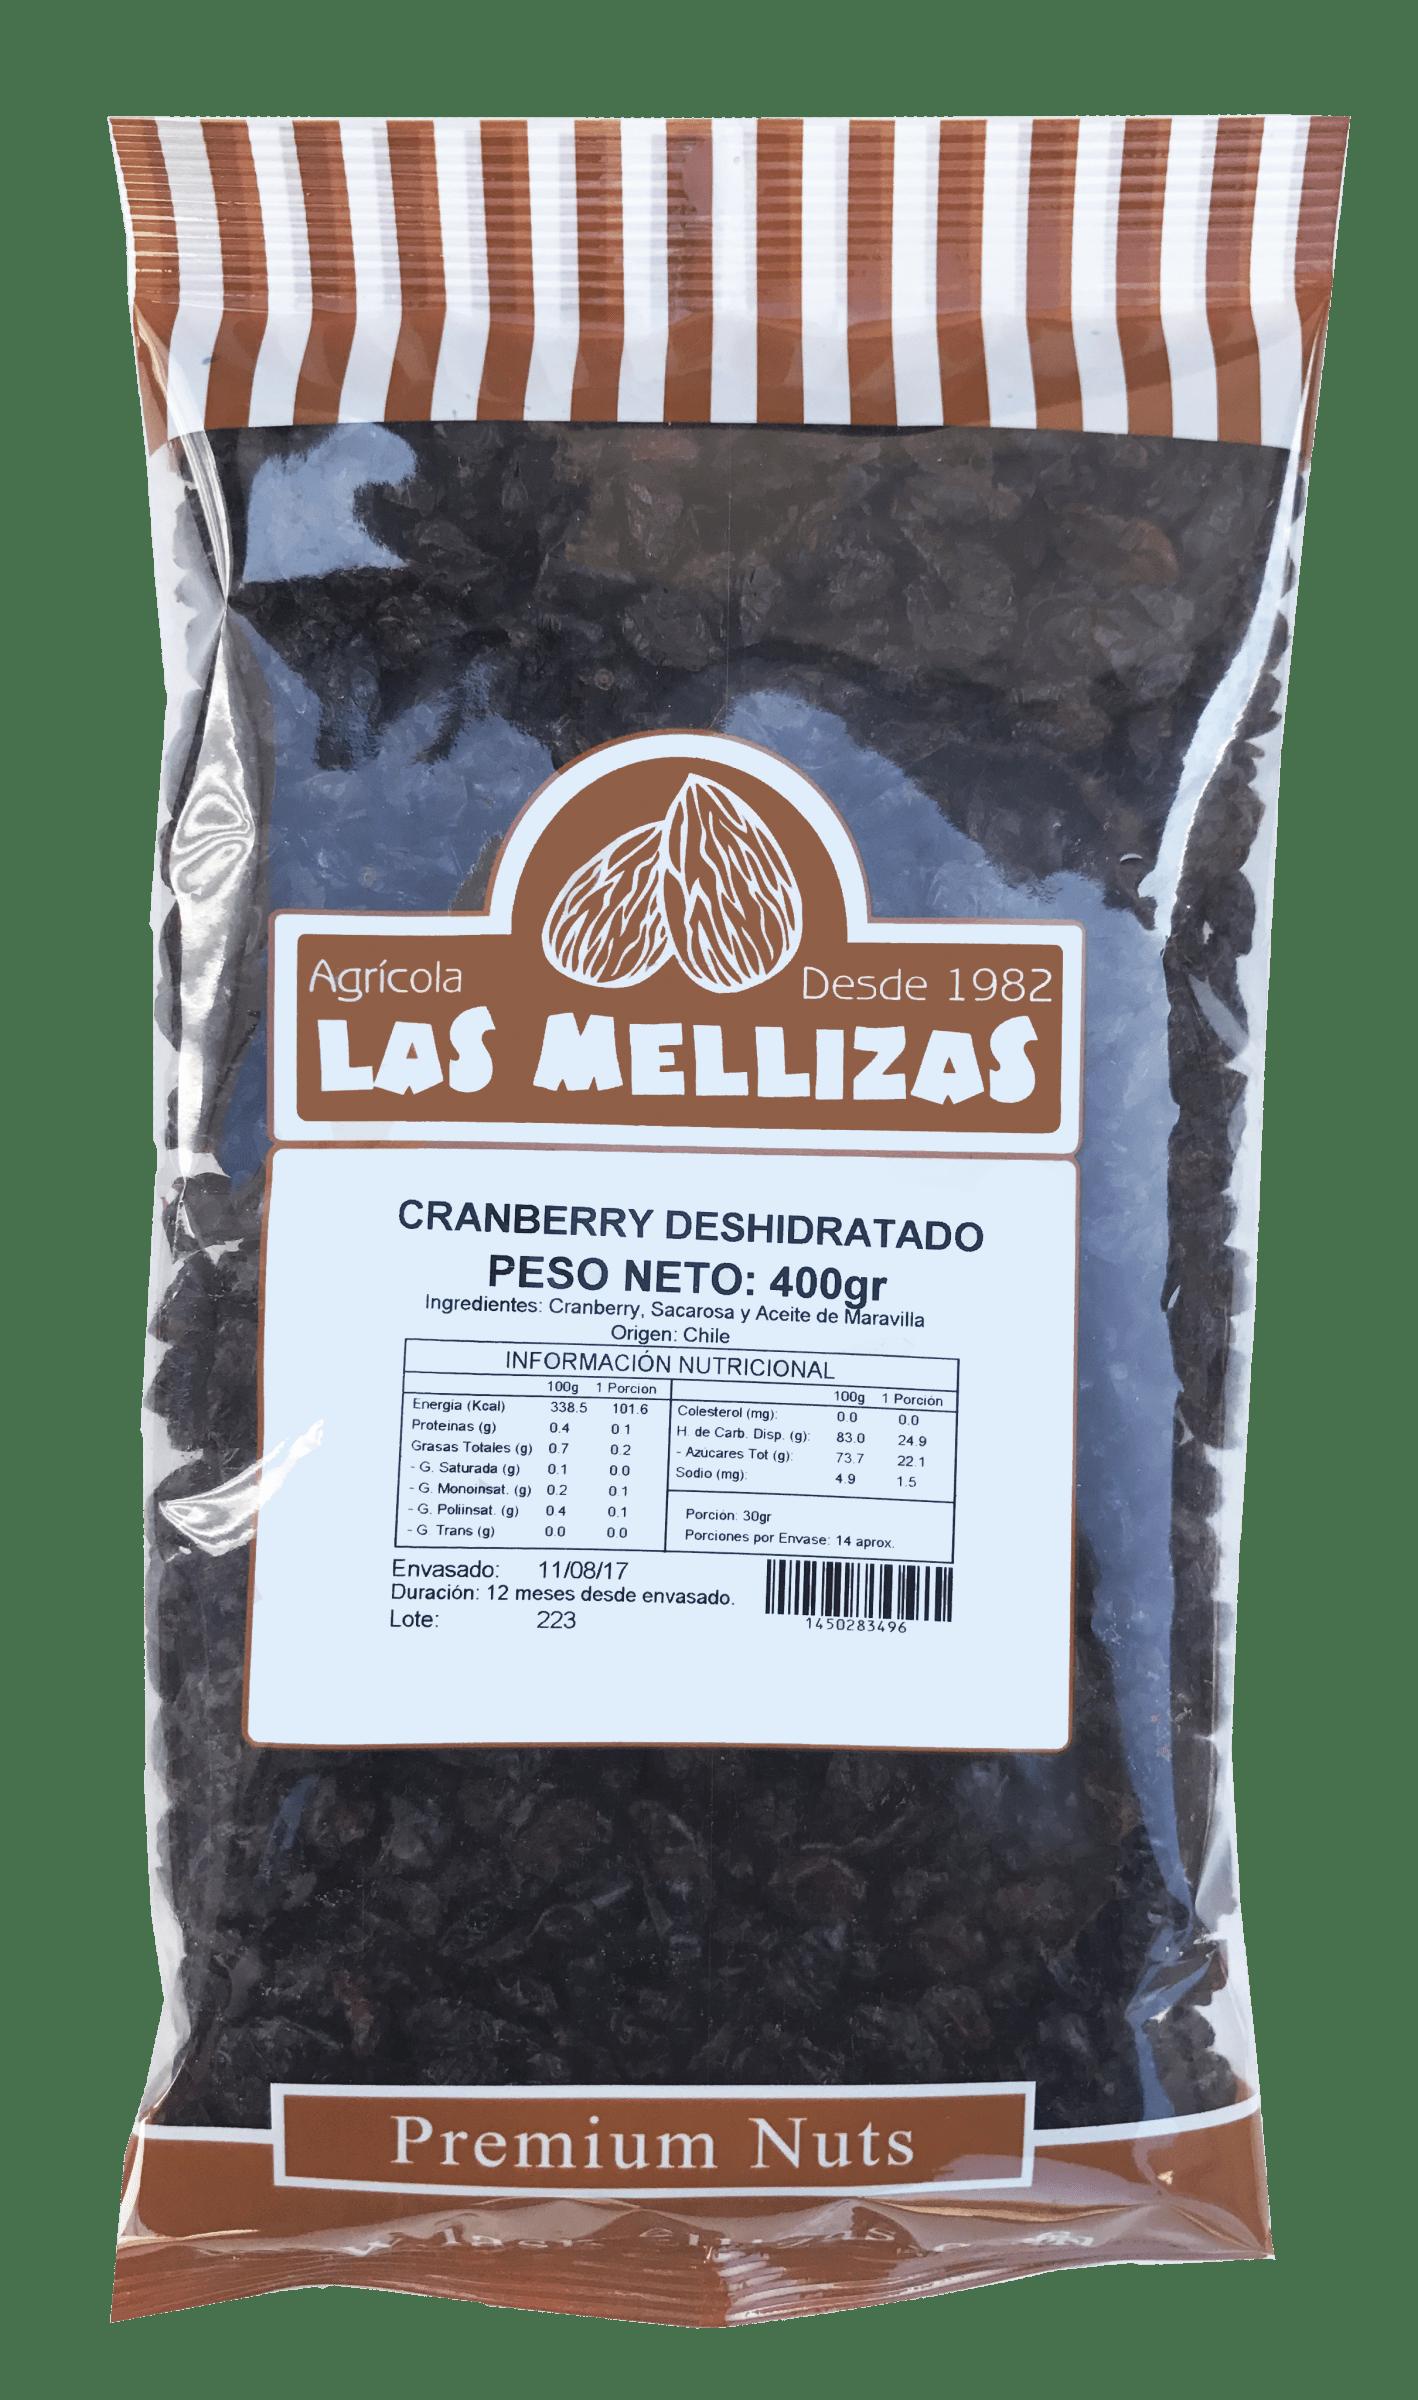 Cranberry Deshidratado PB